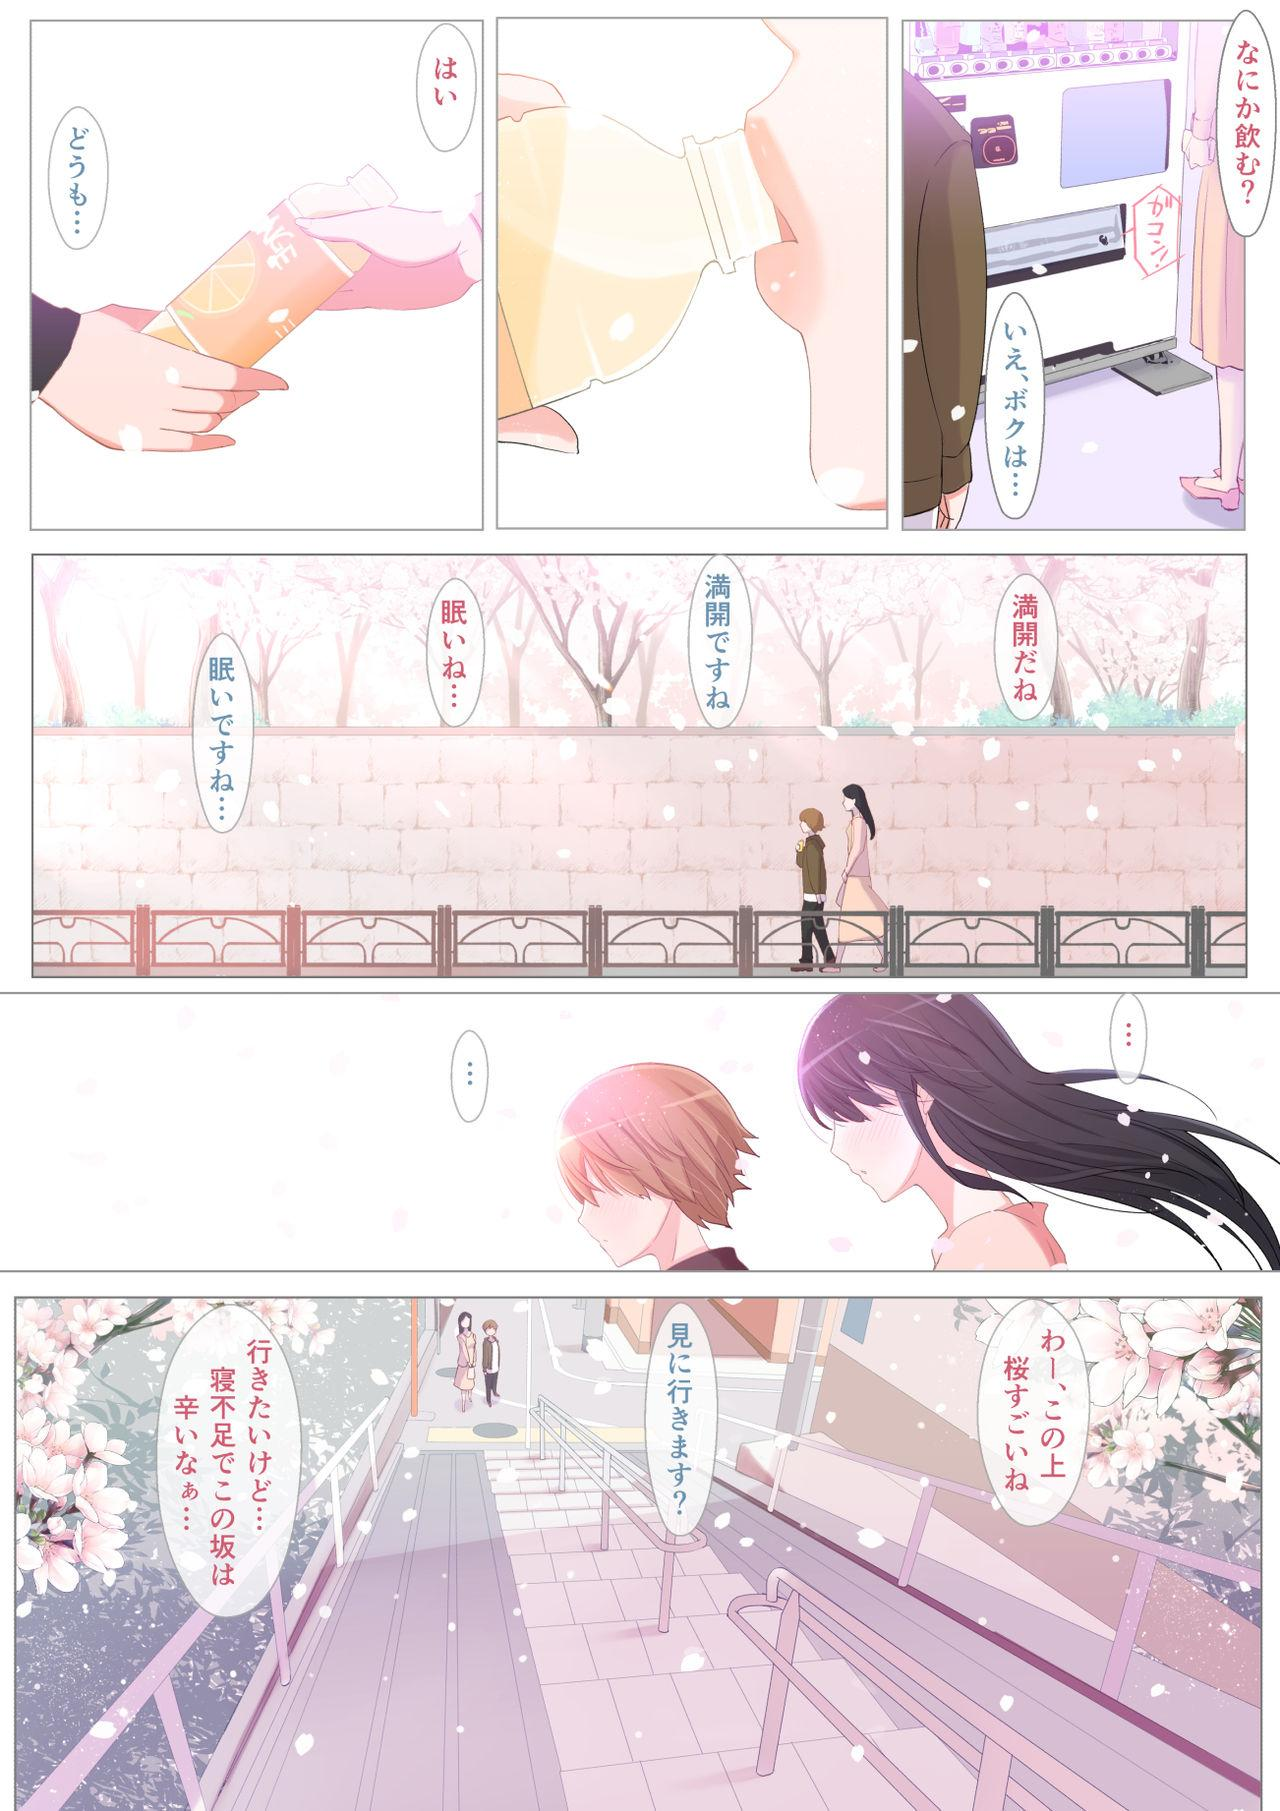 Haru-kun to Yukina Senpai 72